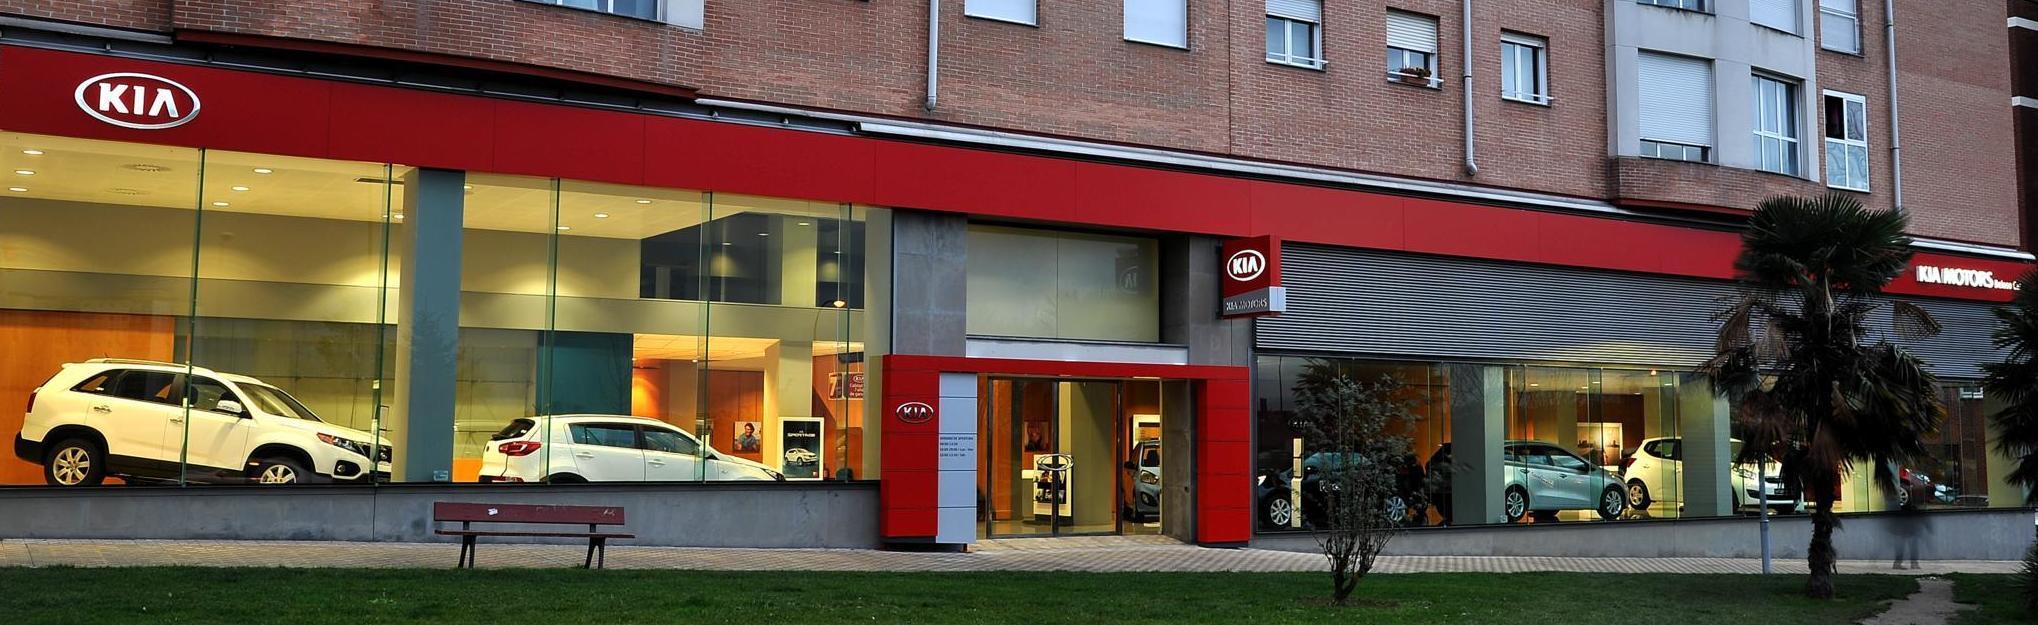 Foto 24 de Fotografía (estudios) en Pamplona / Iruña | Fotografía Turgel